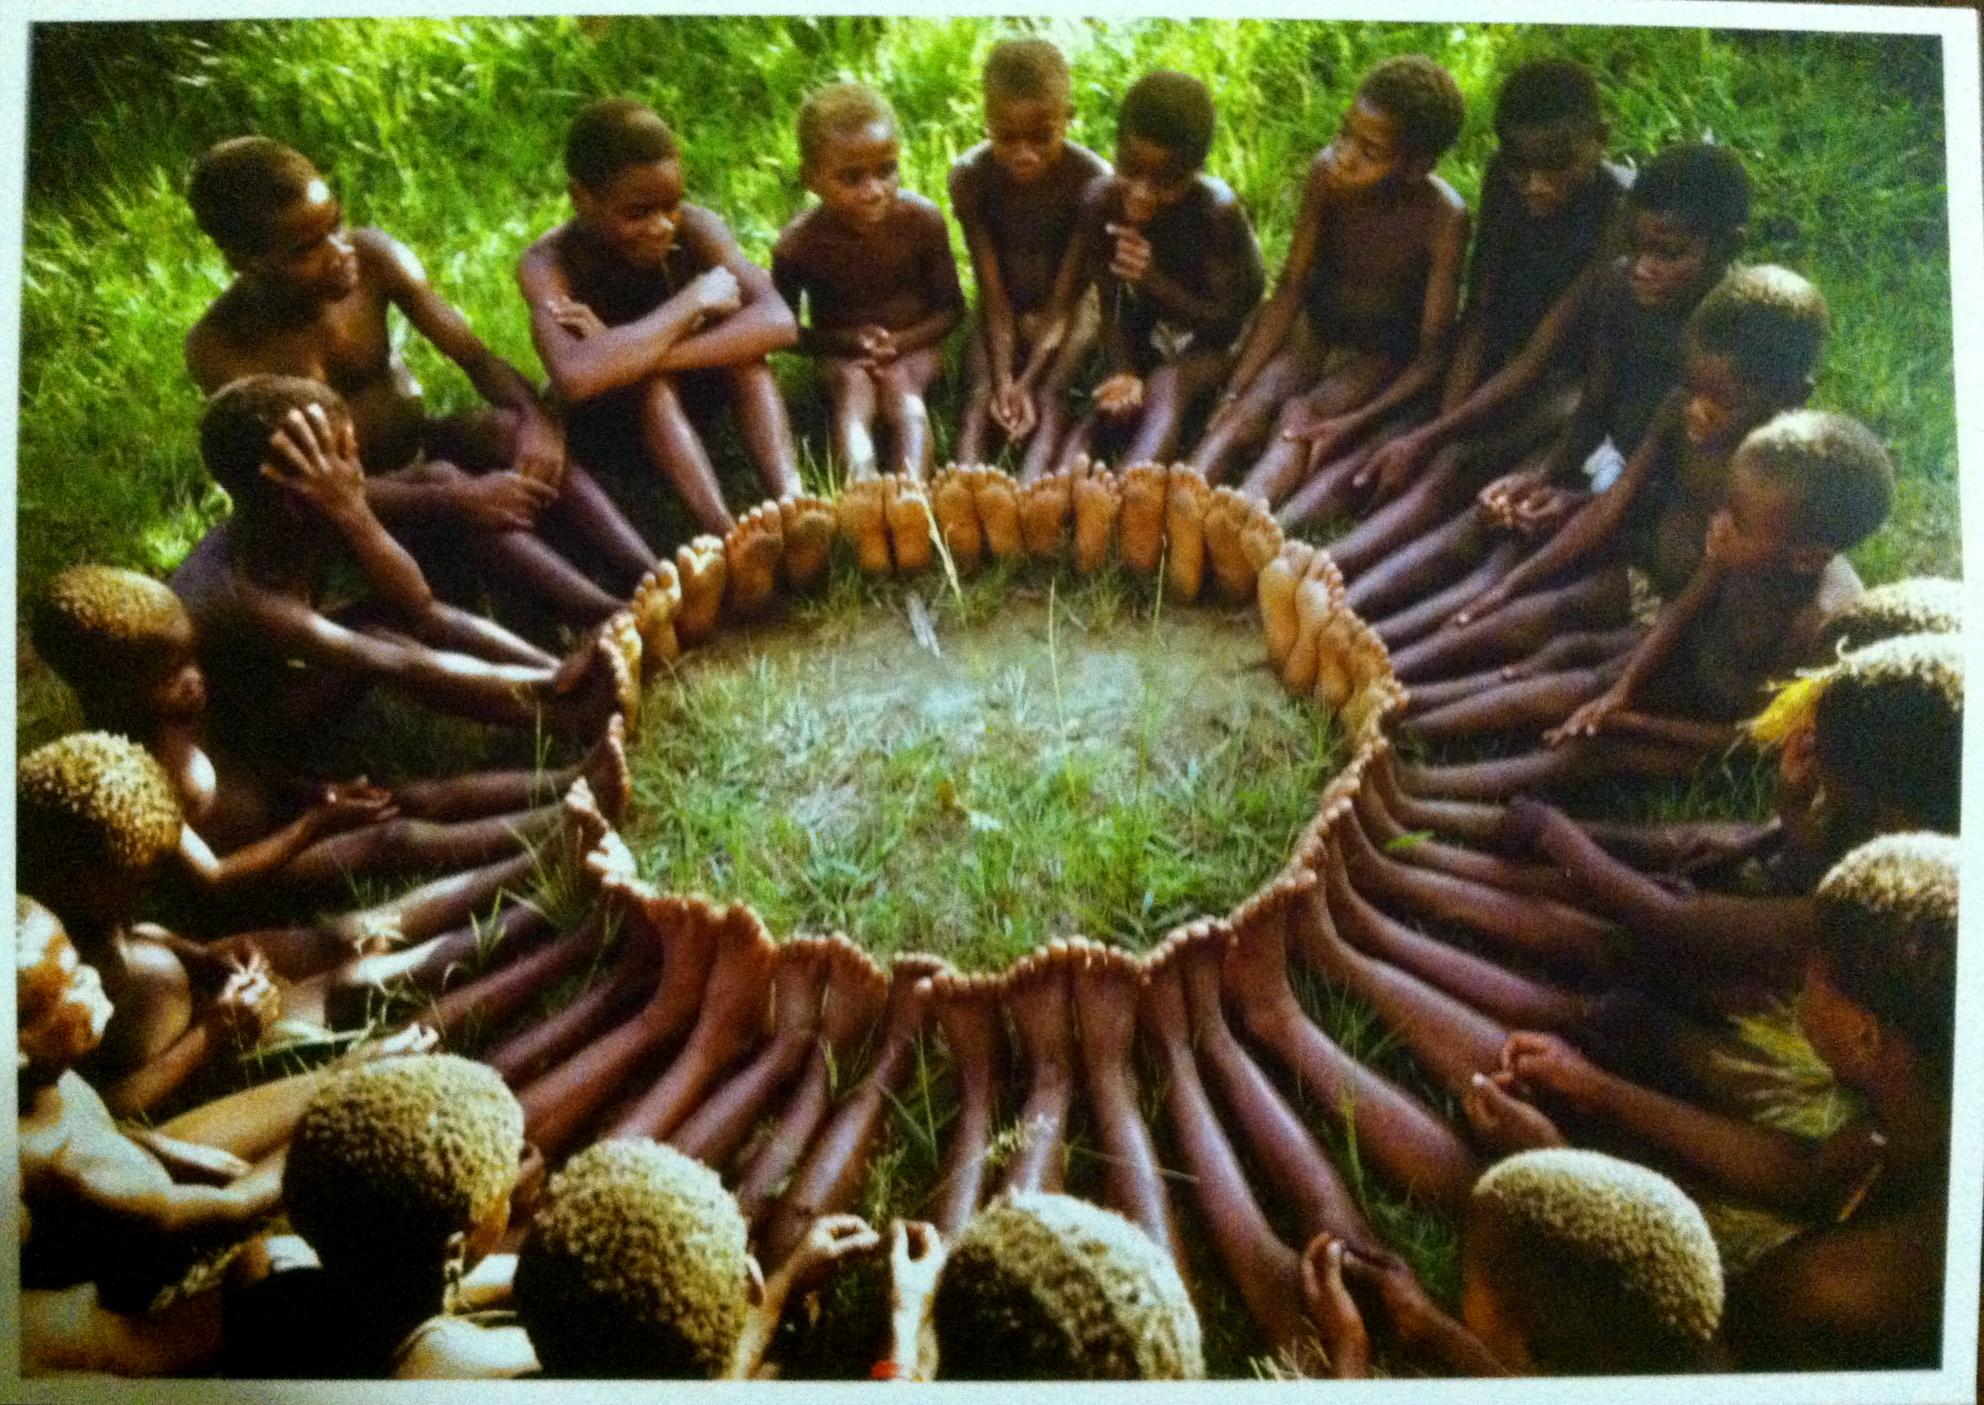 Osani Children